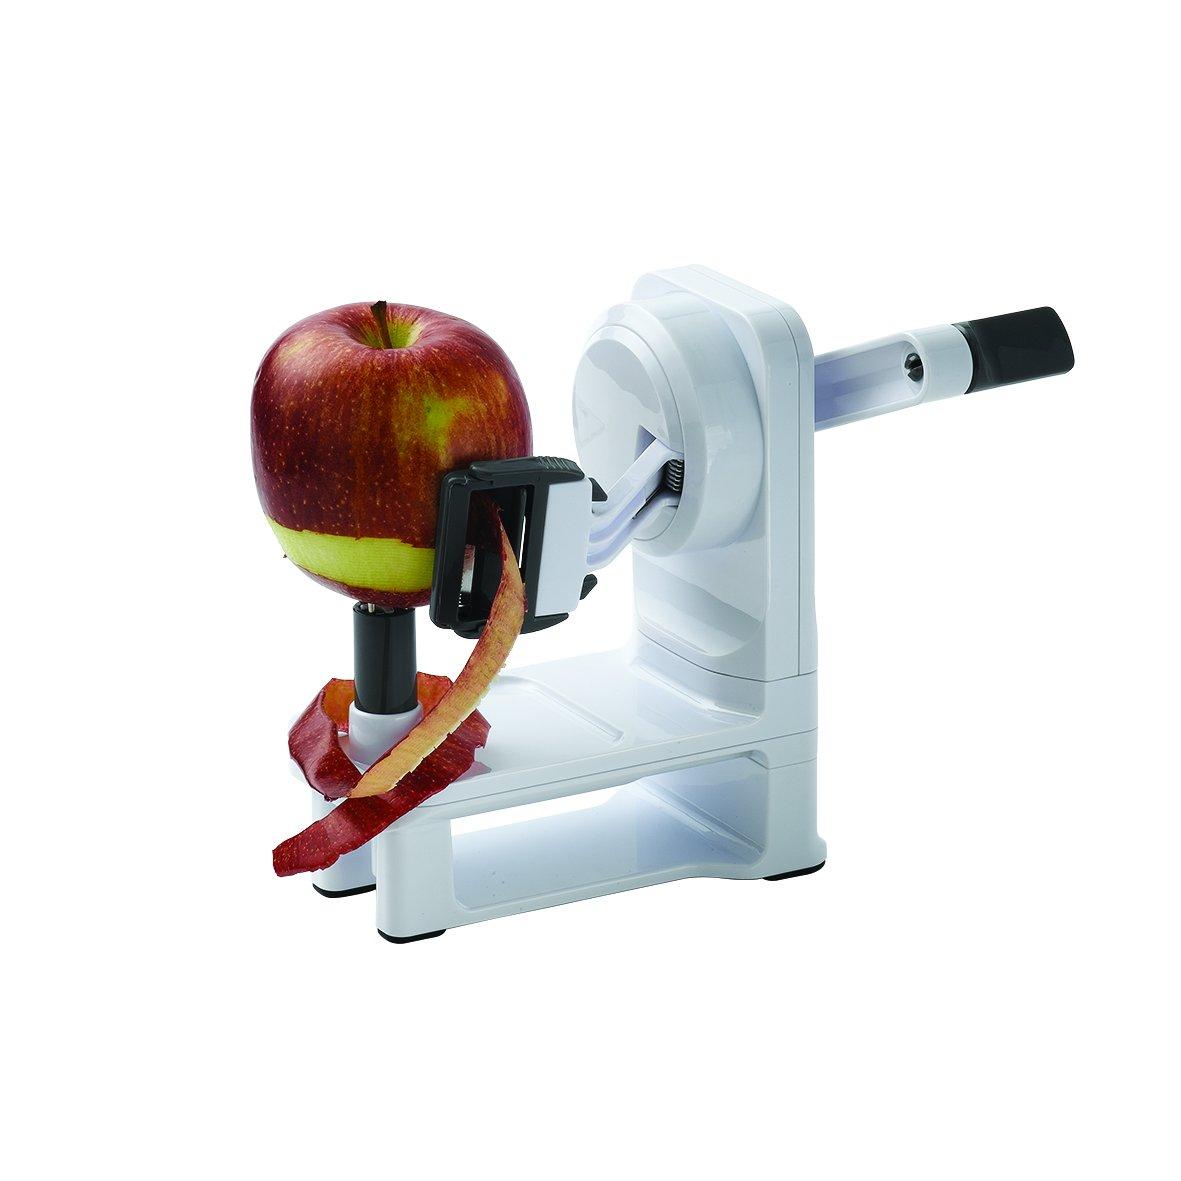 Dexam Easy Apple Peeler, White